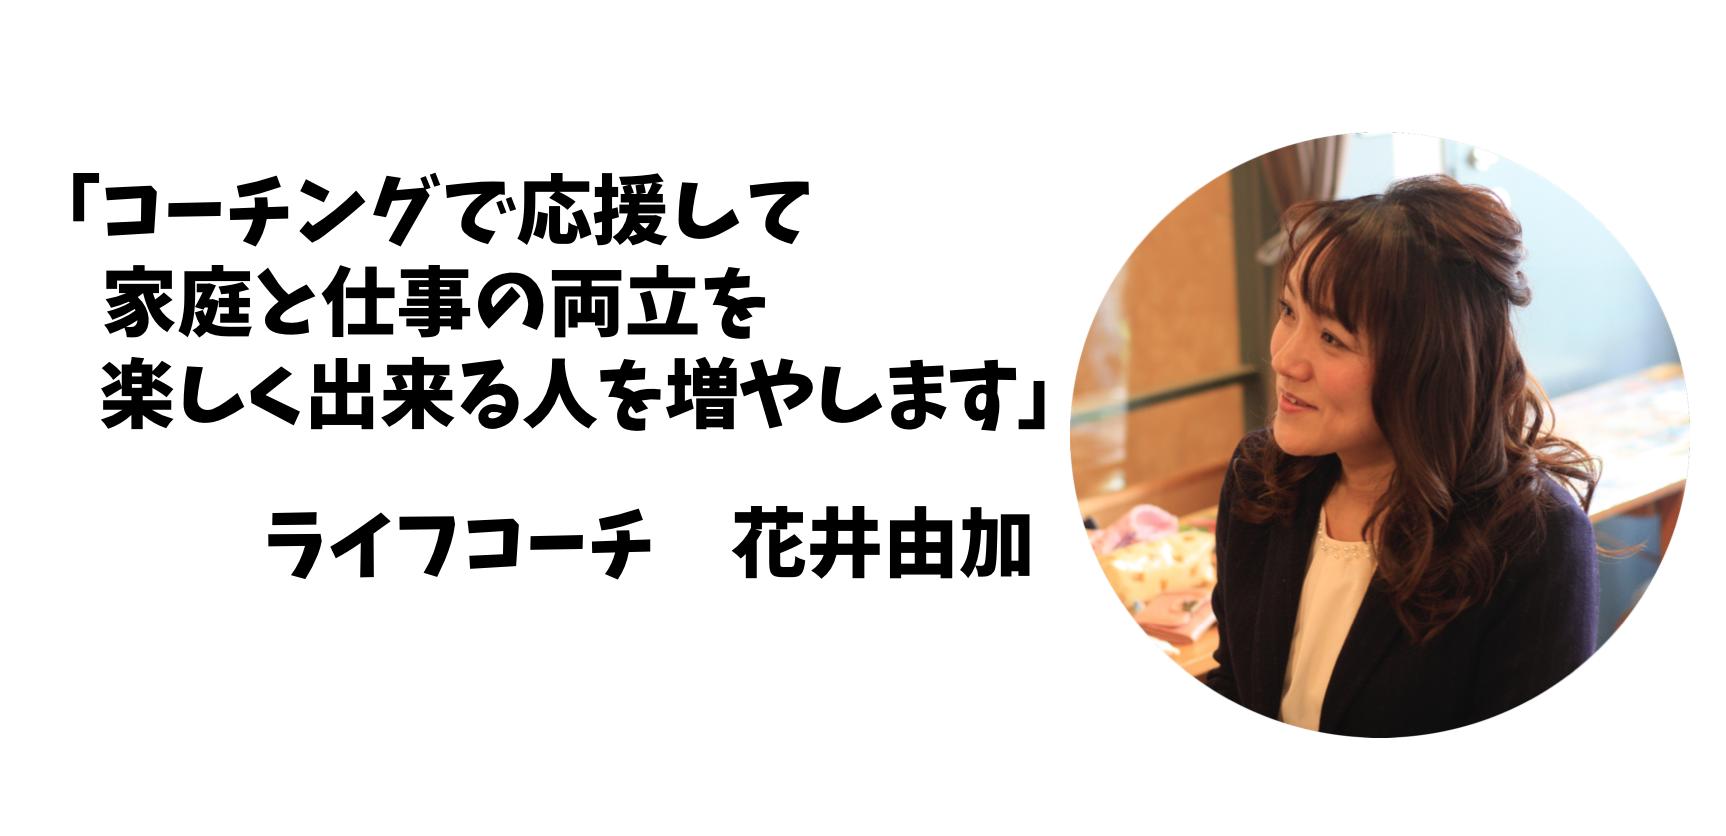 ライフコーチ花井由加